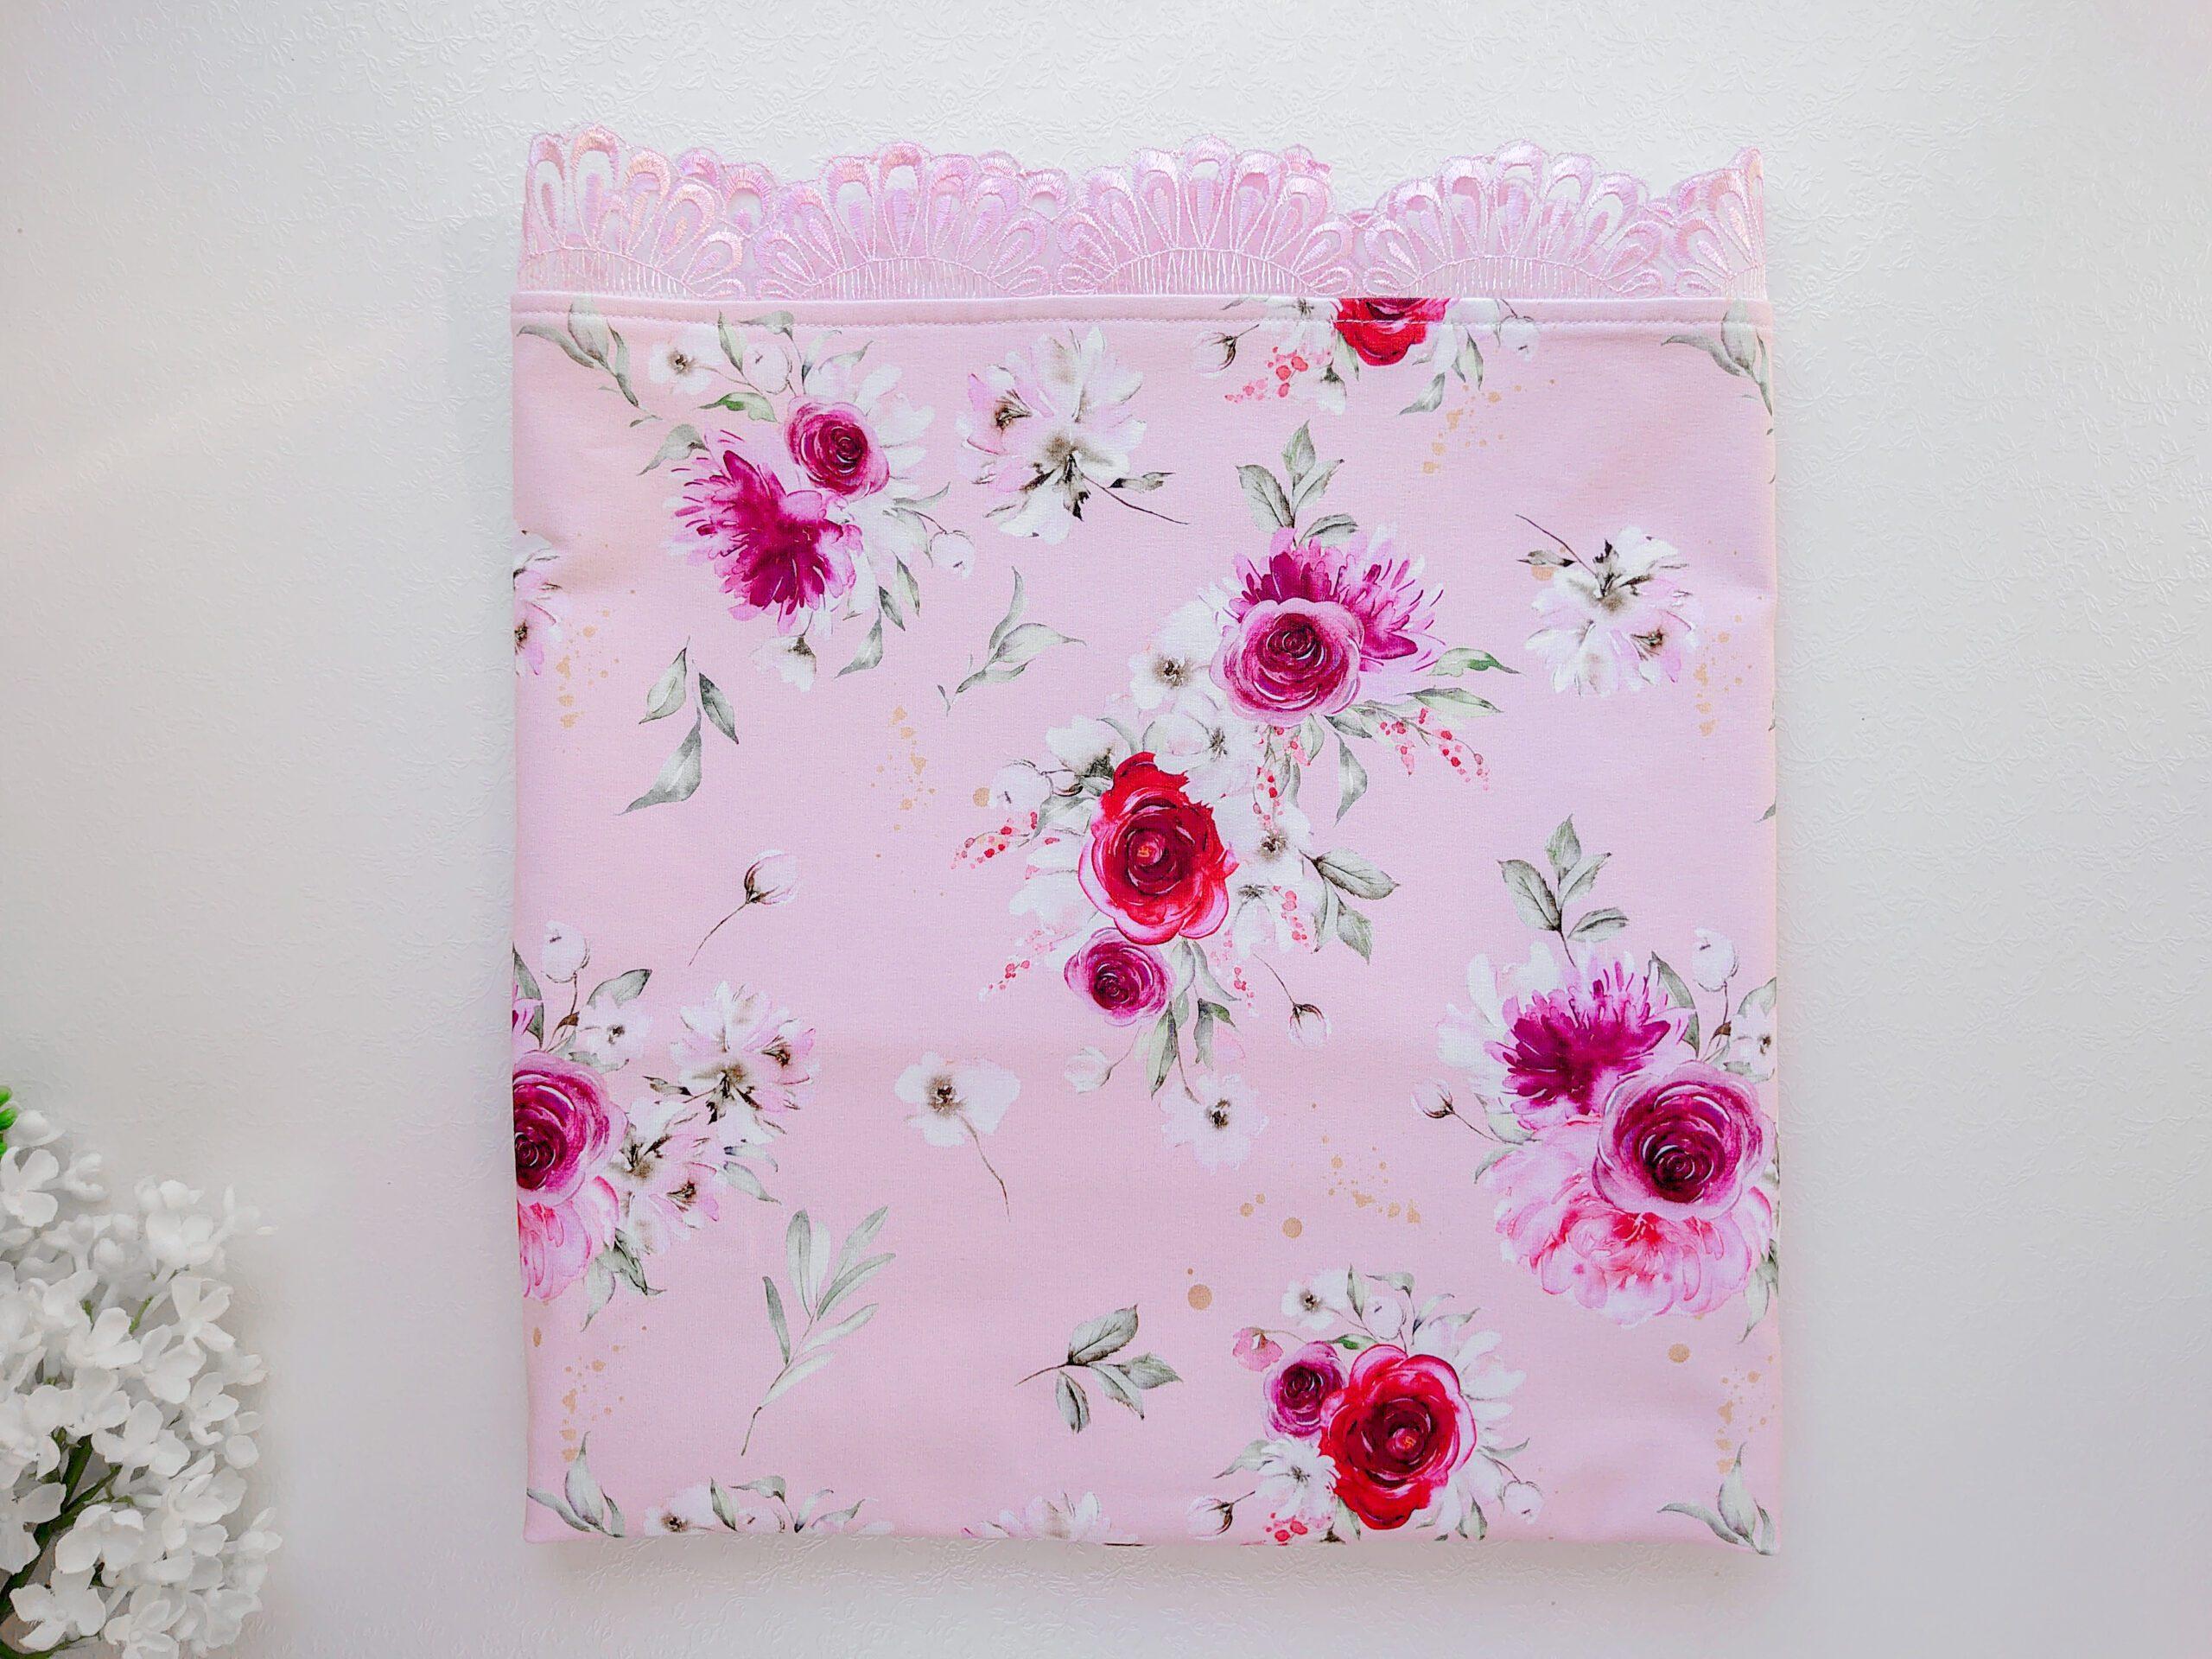 Roosa lillede ja pitsiga tüdrukute suvetekk, vankritekk kevadeks ja sügiseks